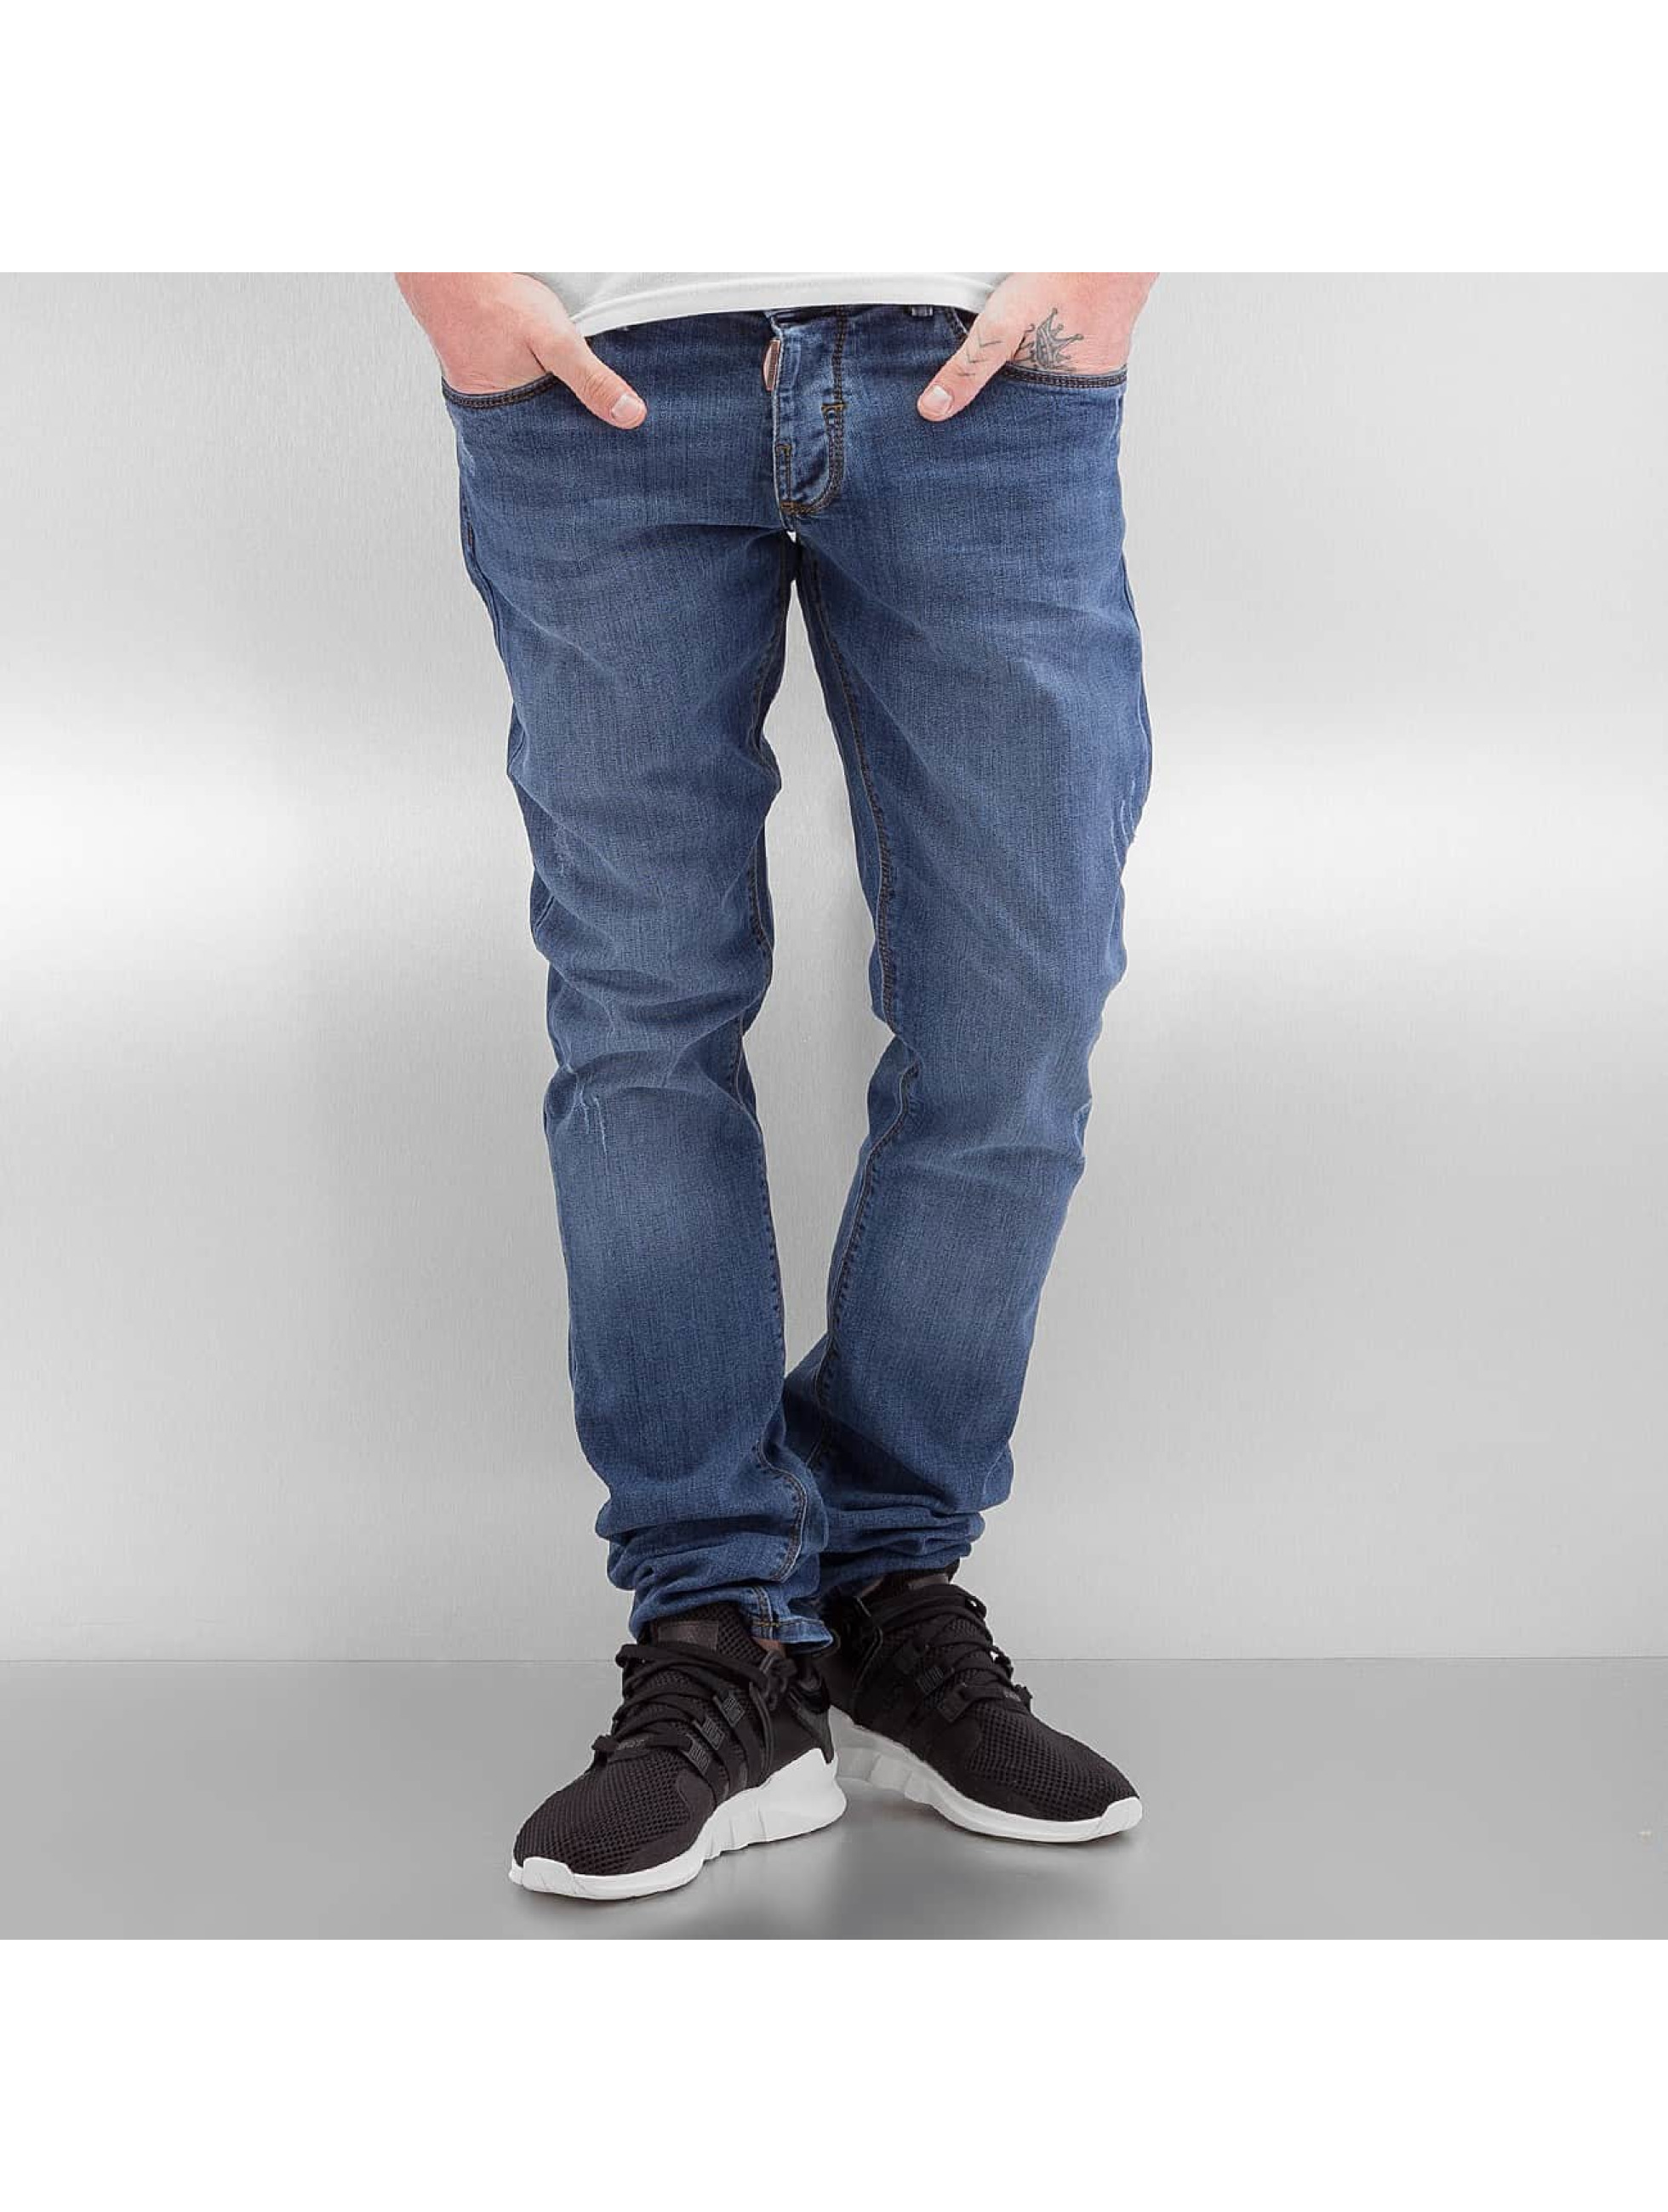 2Y / Skinny Jeans Anderlecht in blue W 29